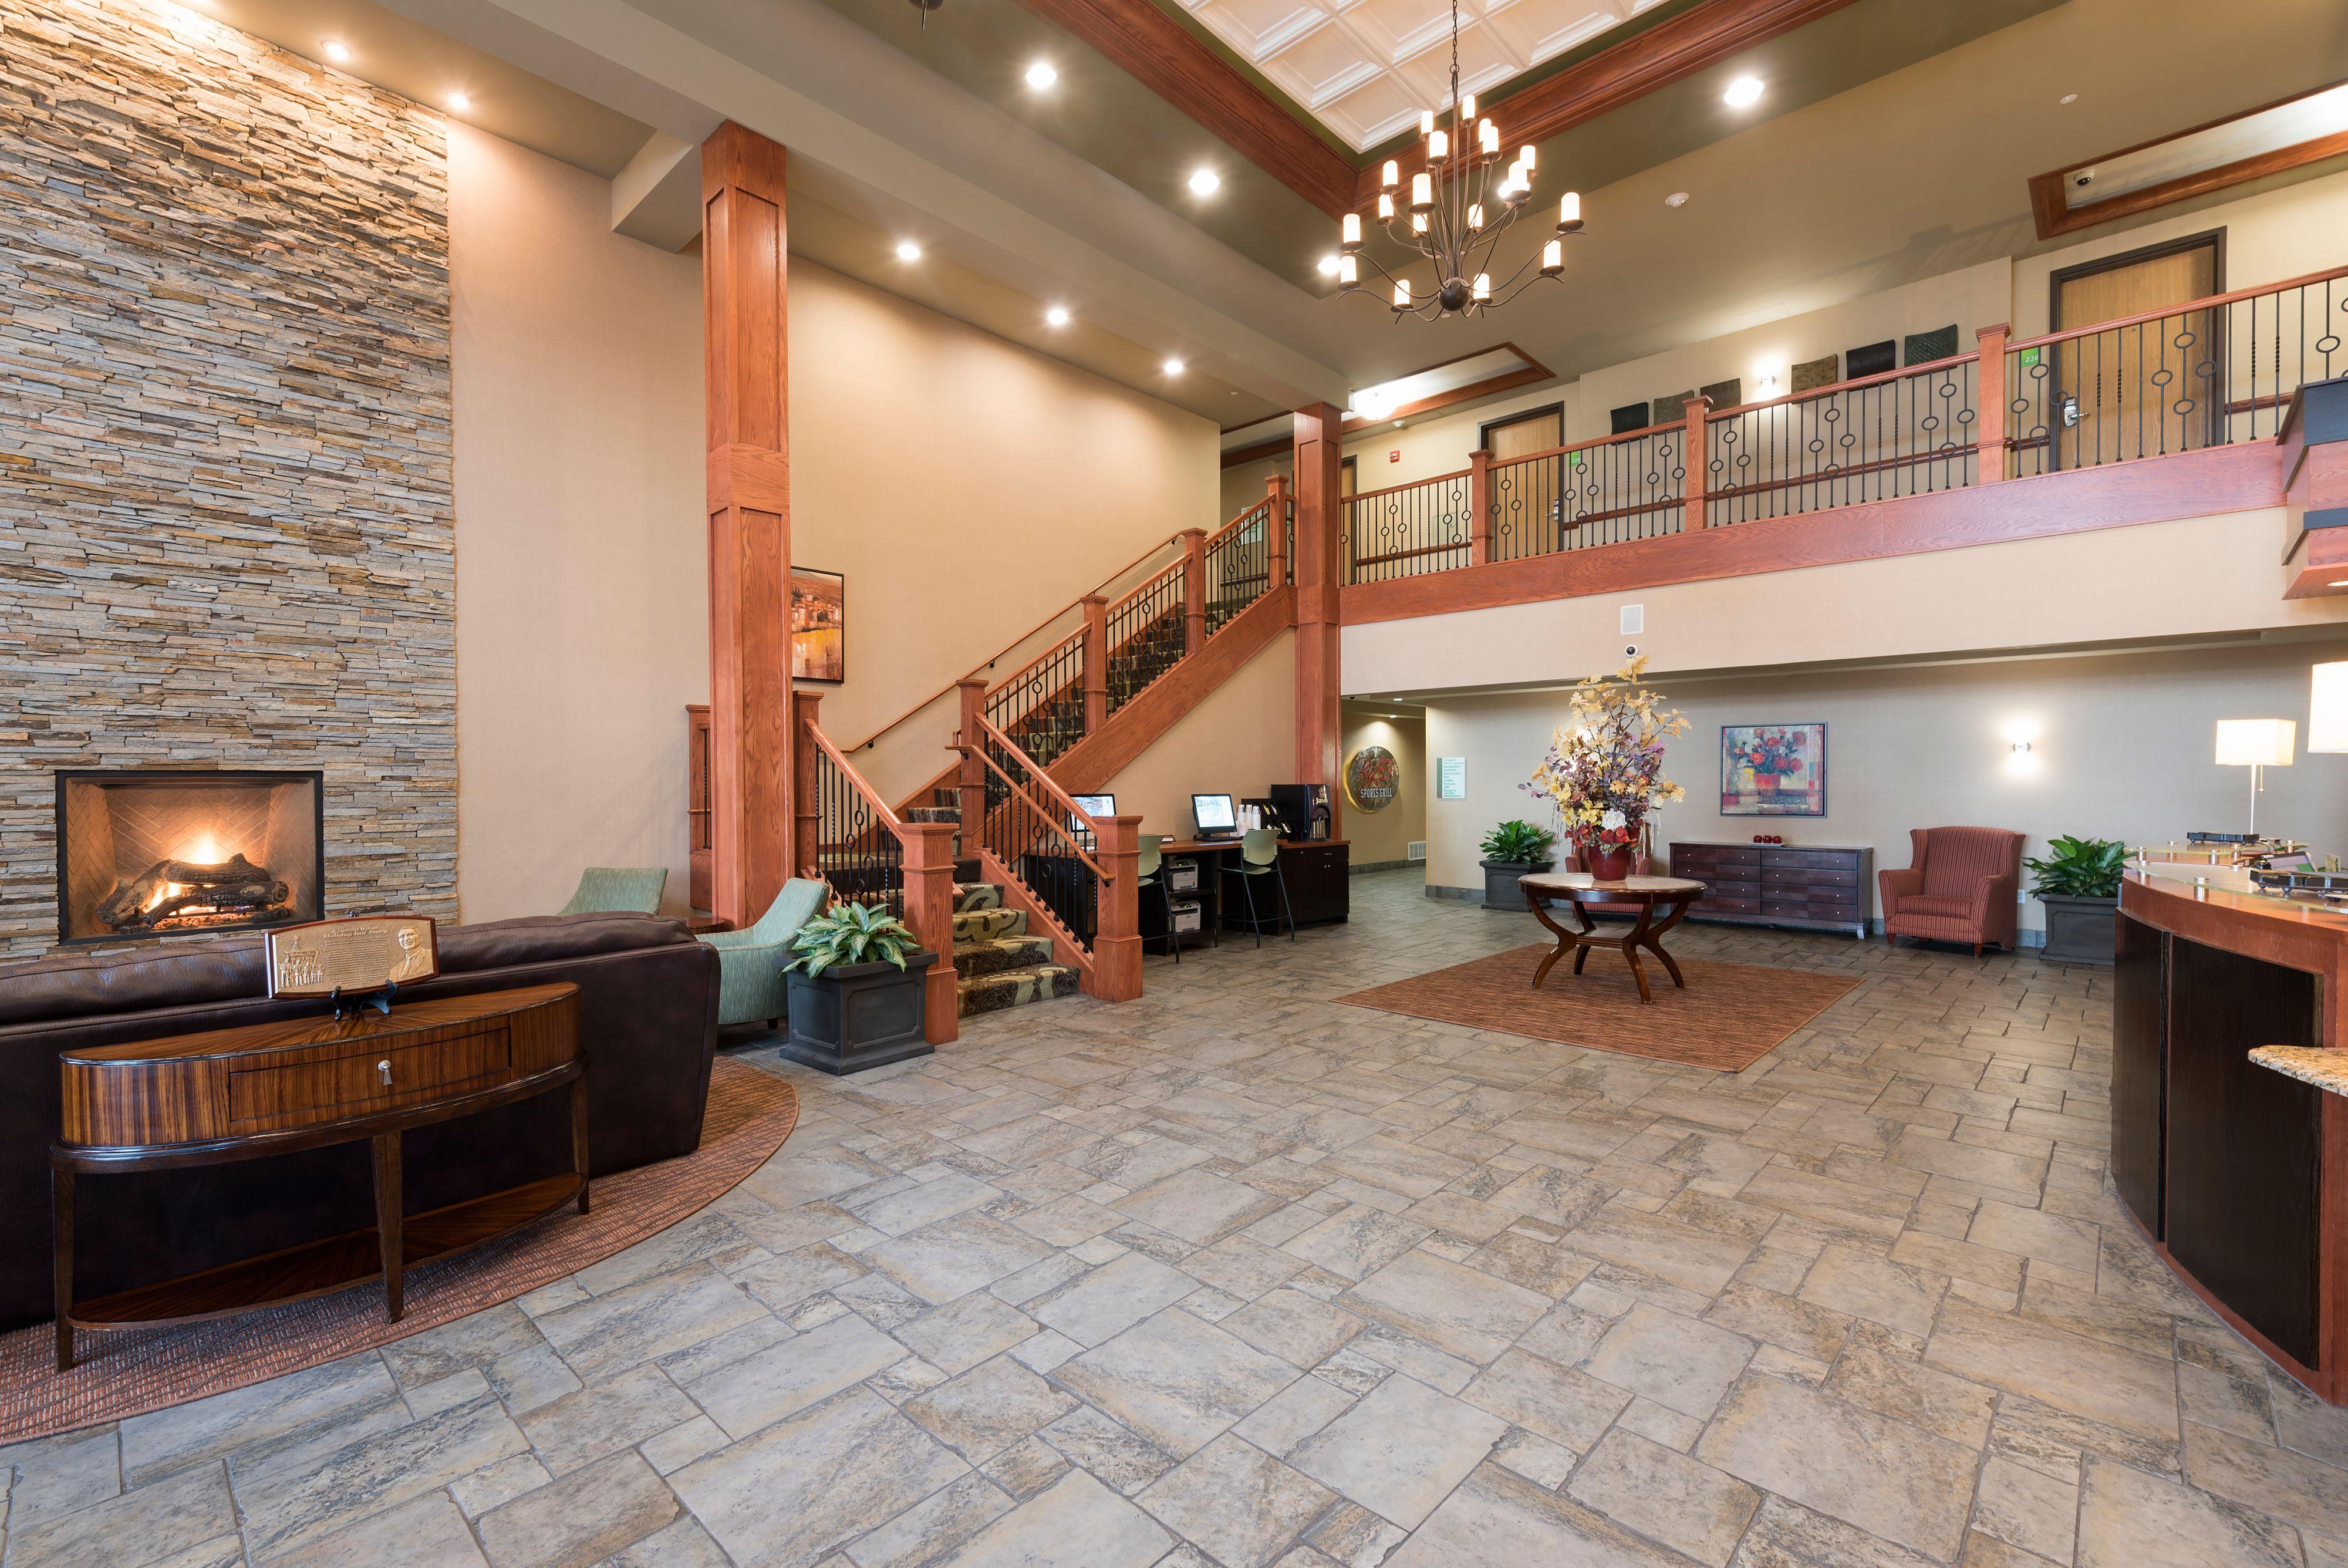 Holiday Inn Midland image 5